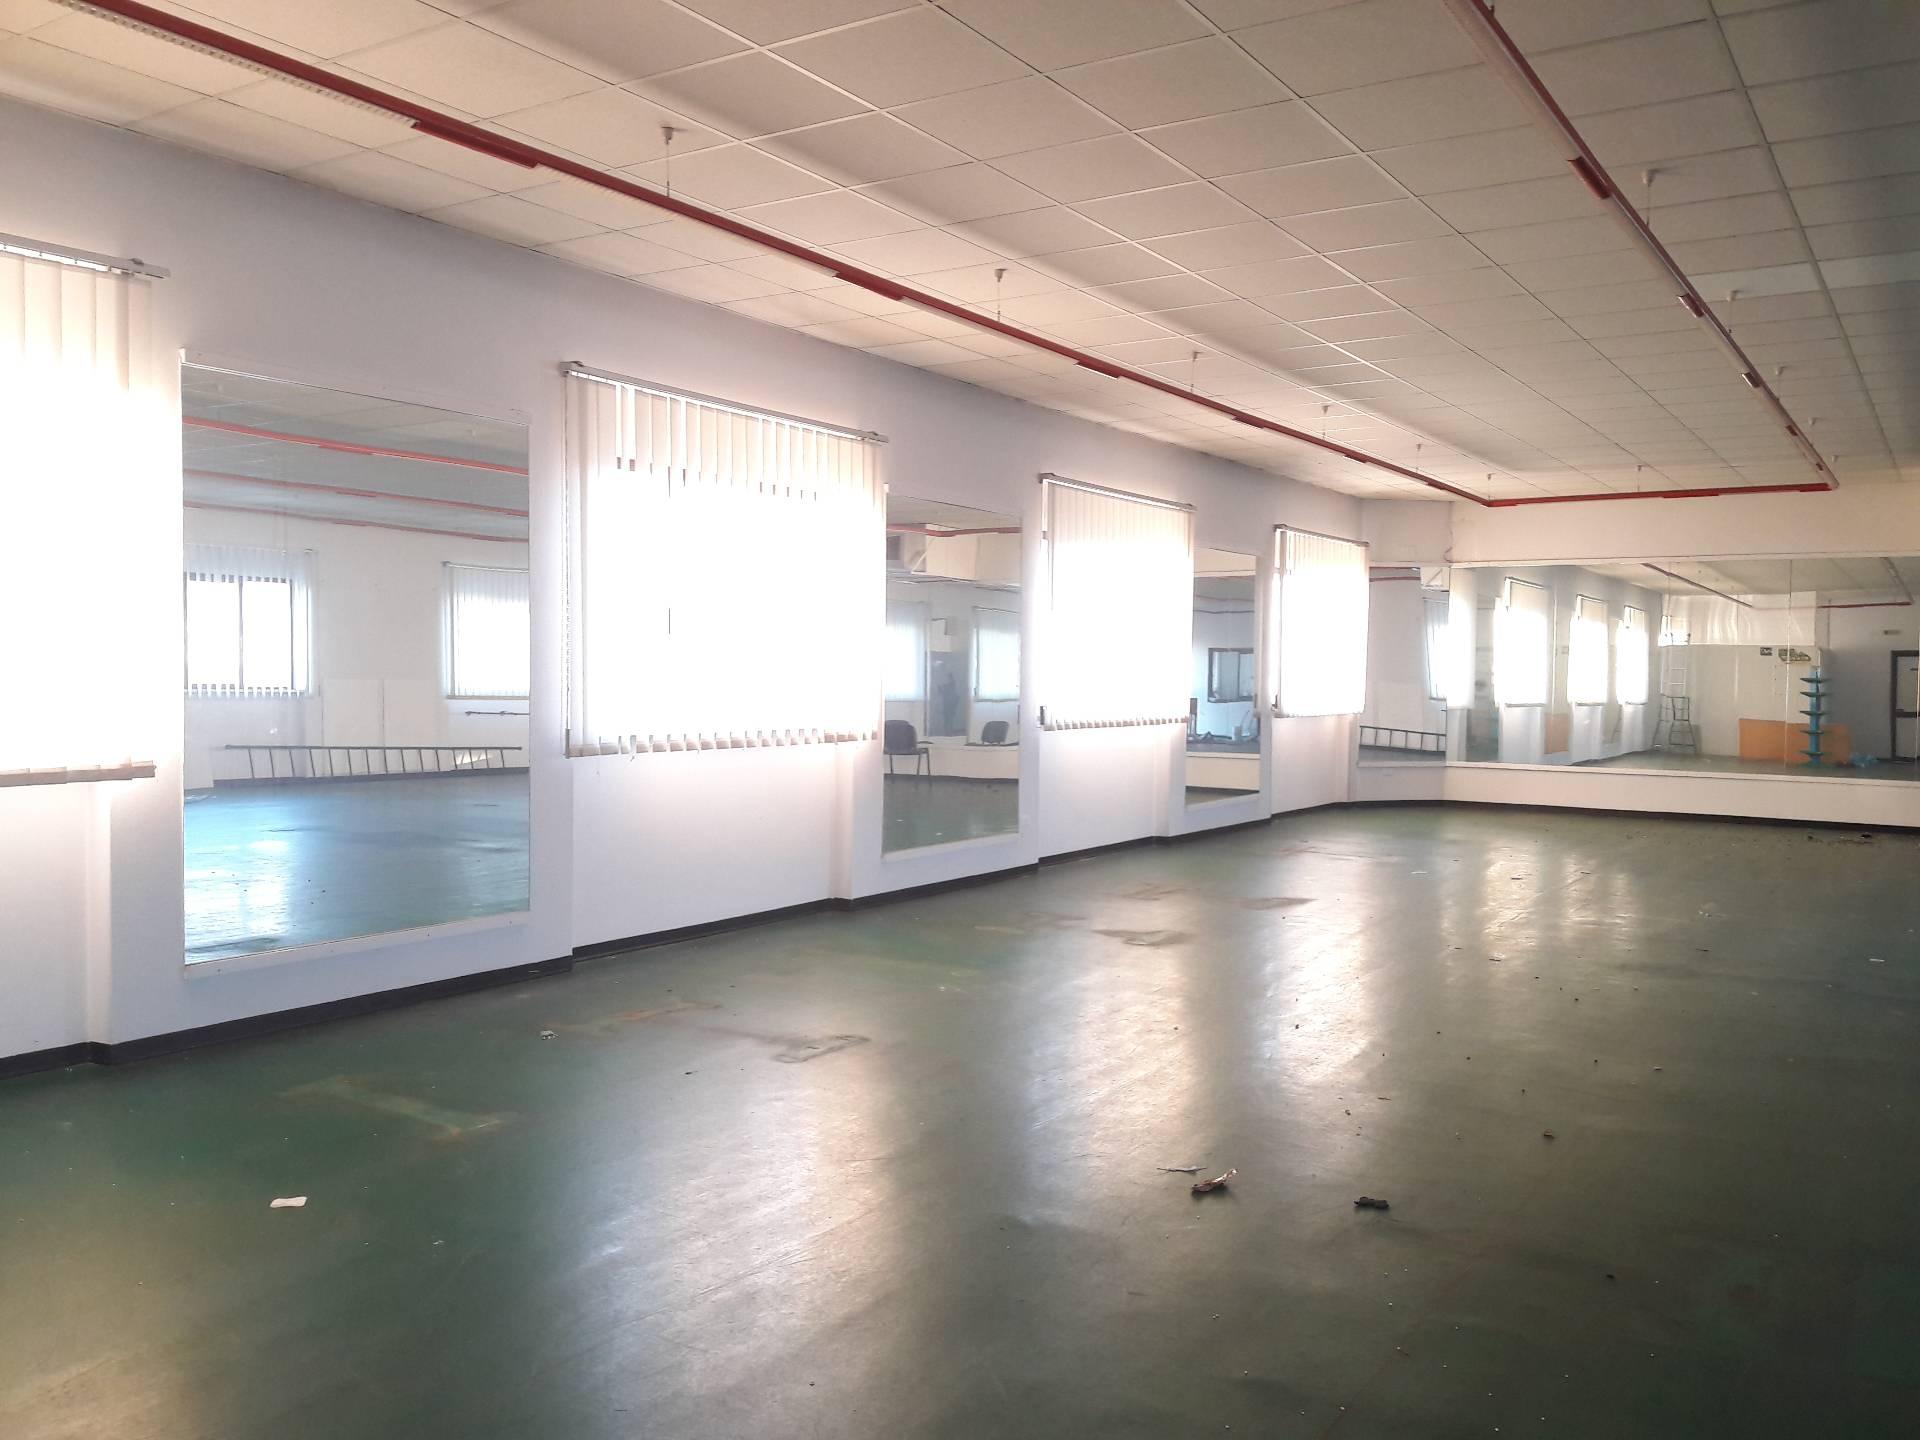 Attività / Licenza in vendita a Pieve a Nievole, 9999 locali, prezzo € 450.000 | CambioCasa.it